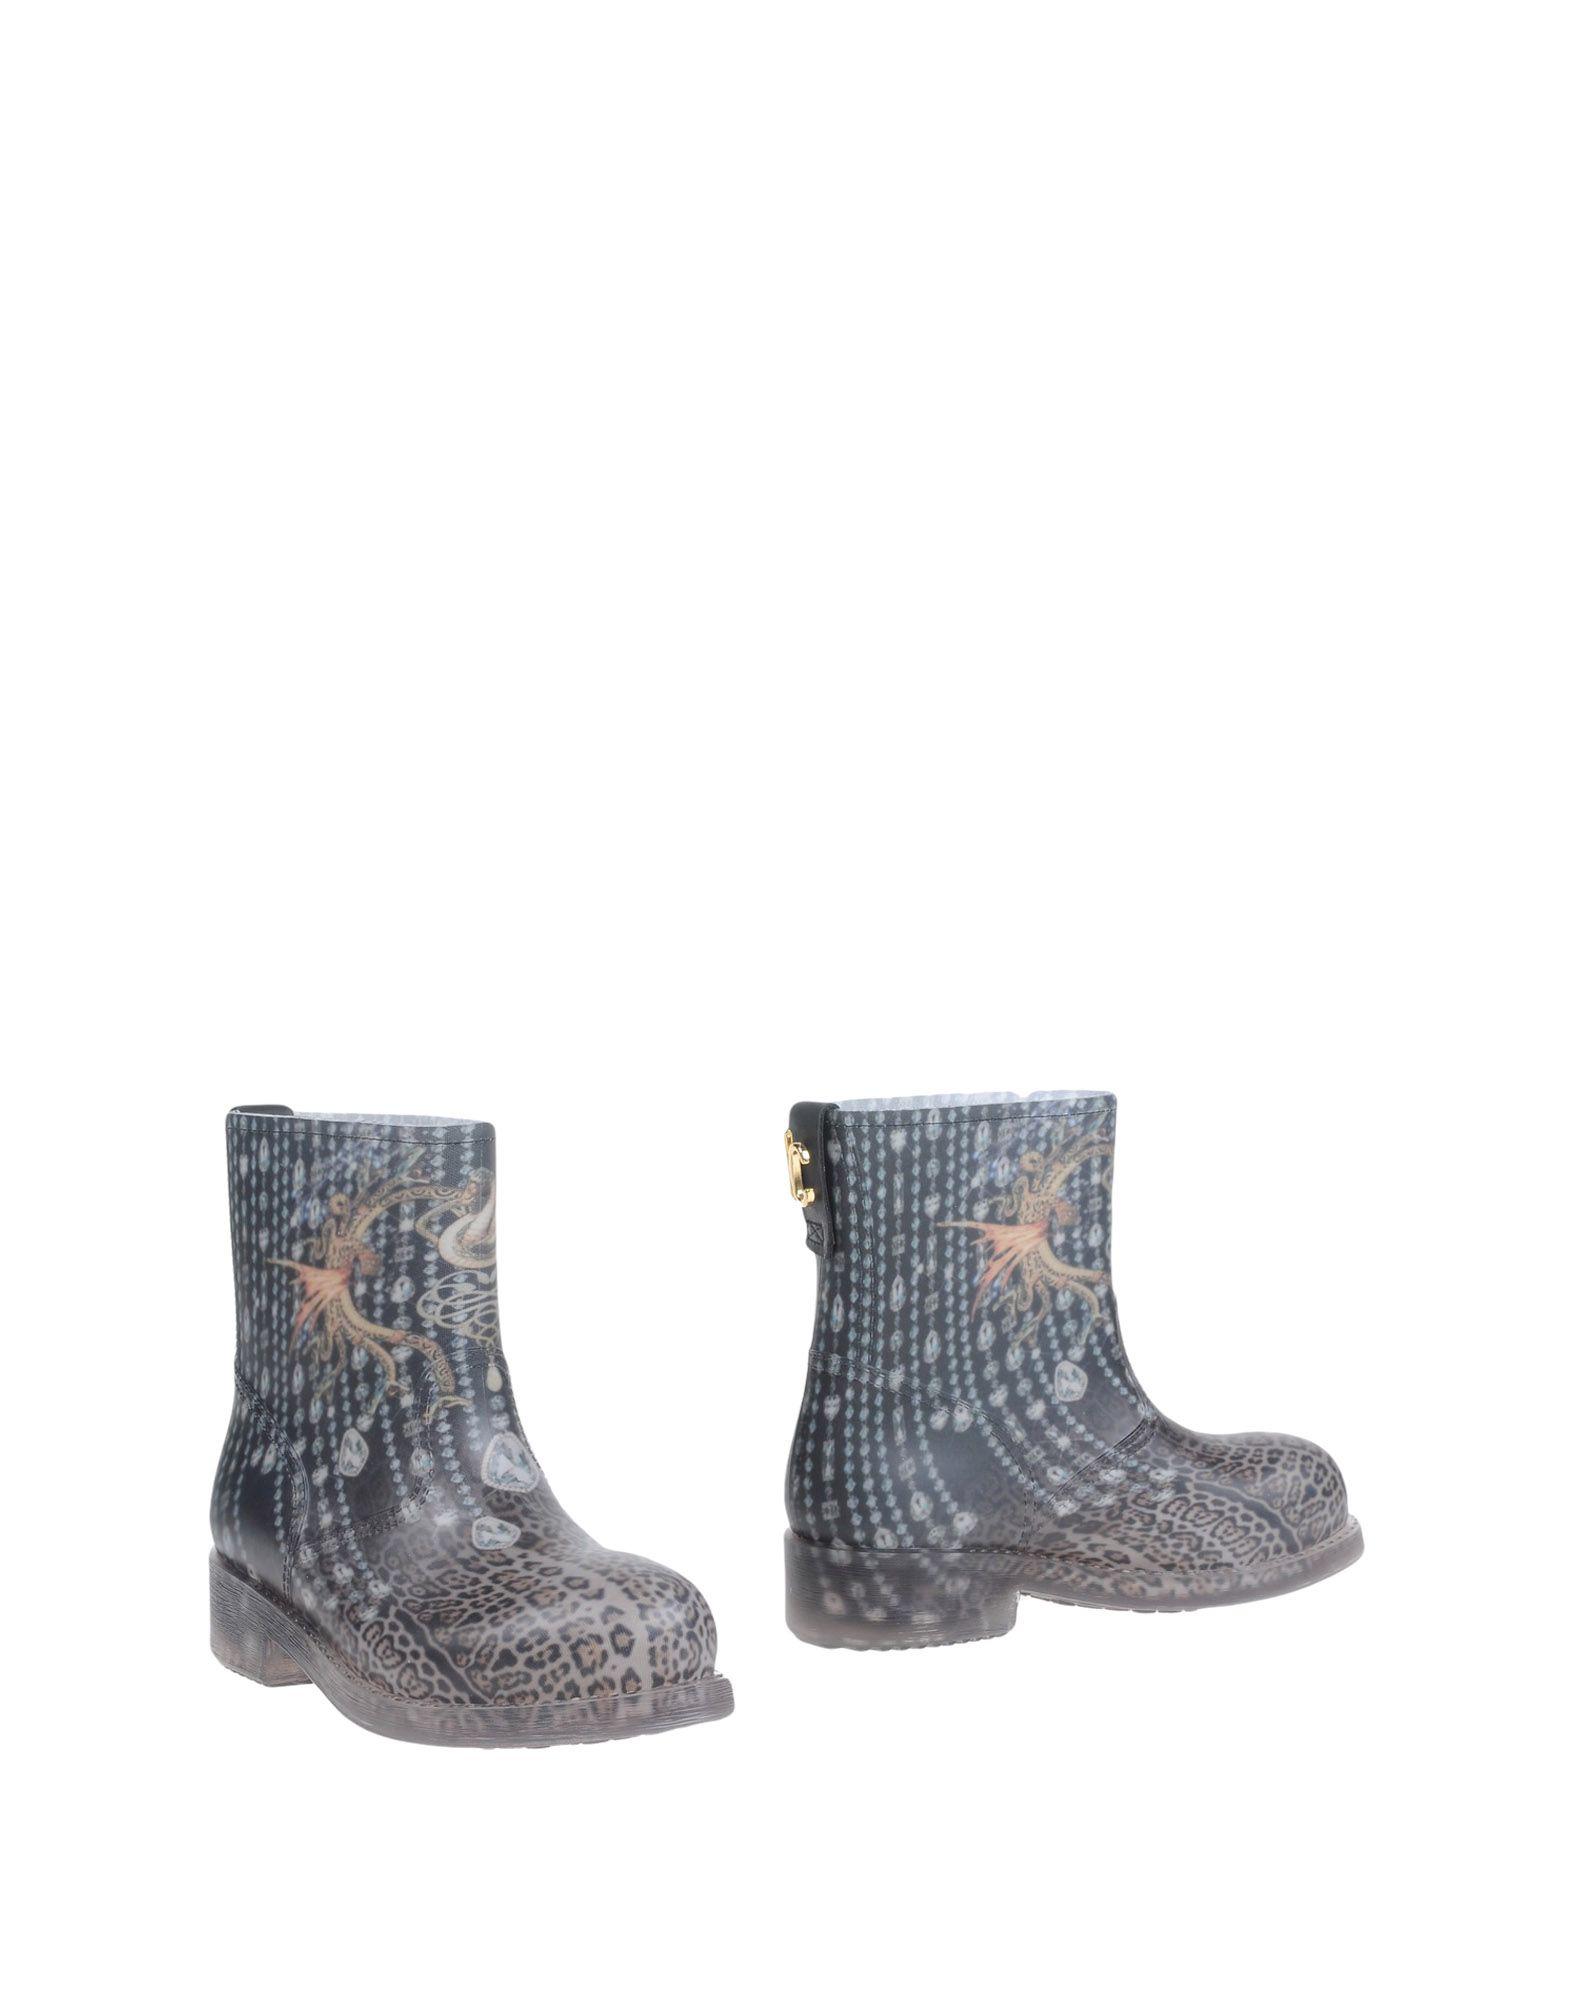 JUST CAVALLI Полусапоги и высокие ботинки цены онлайн